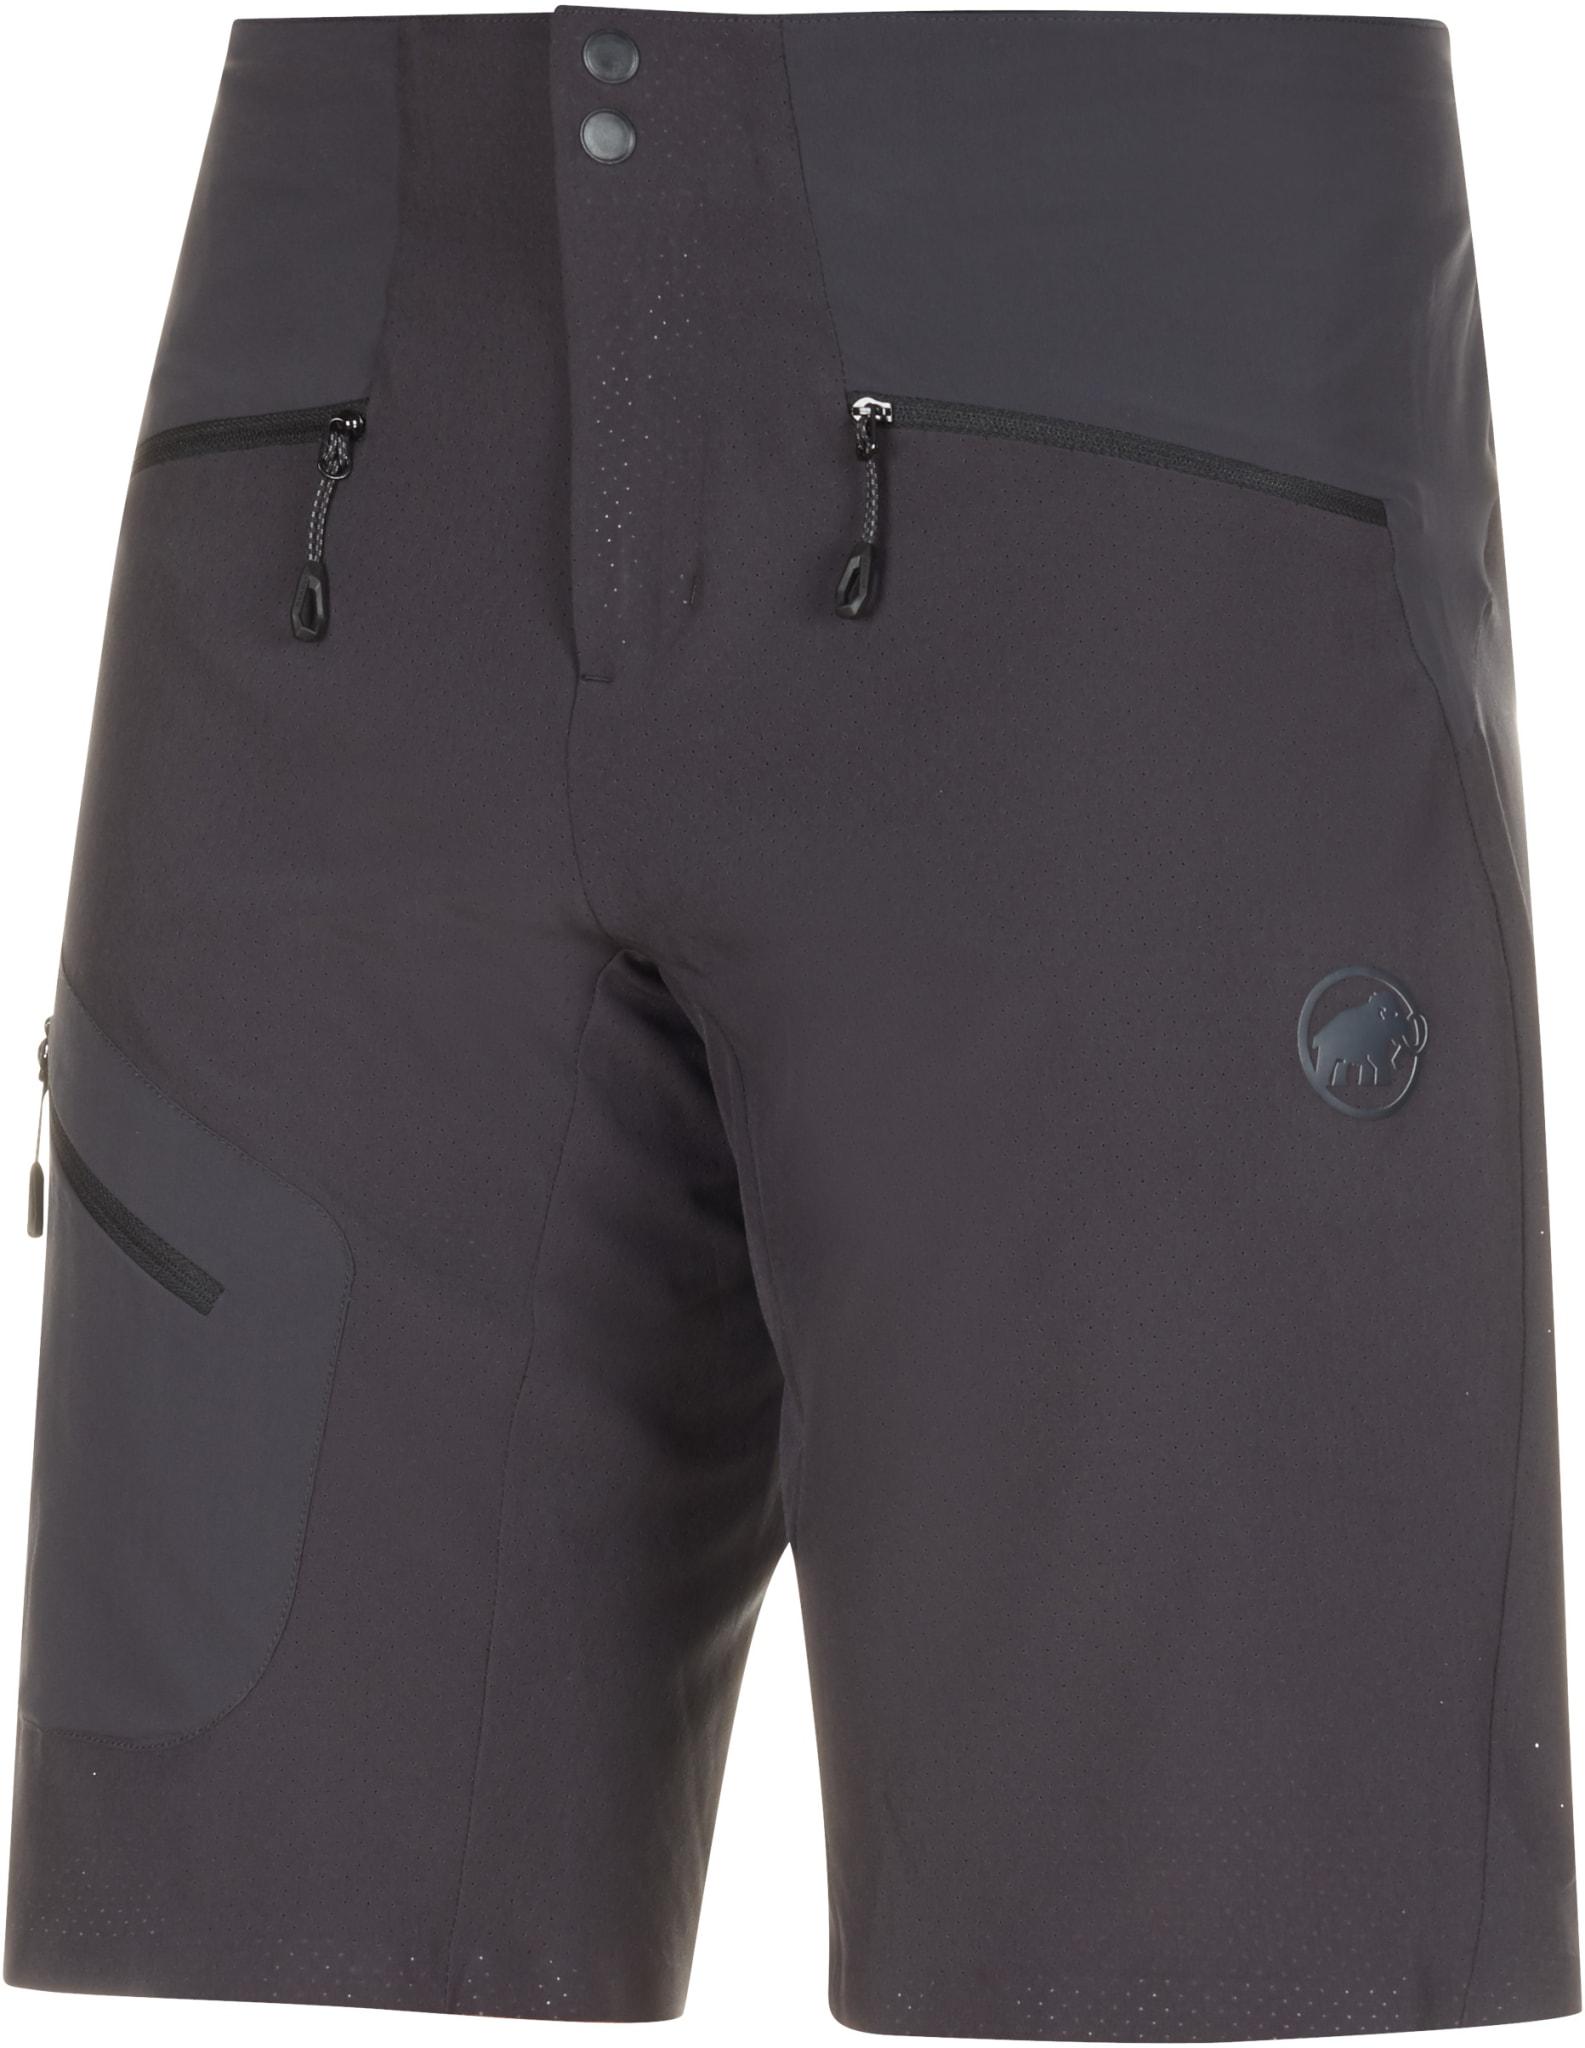 Fast'n'Lite shorts som er klar for alt!